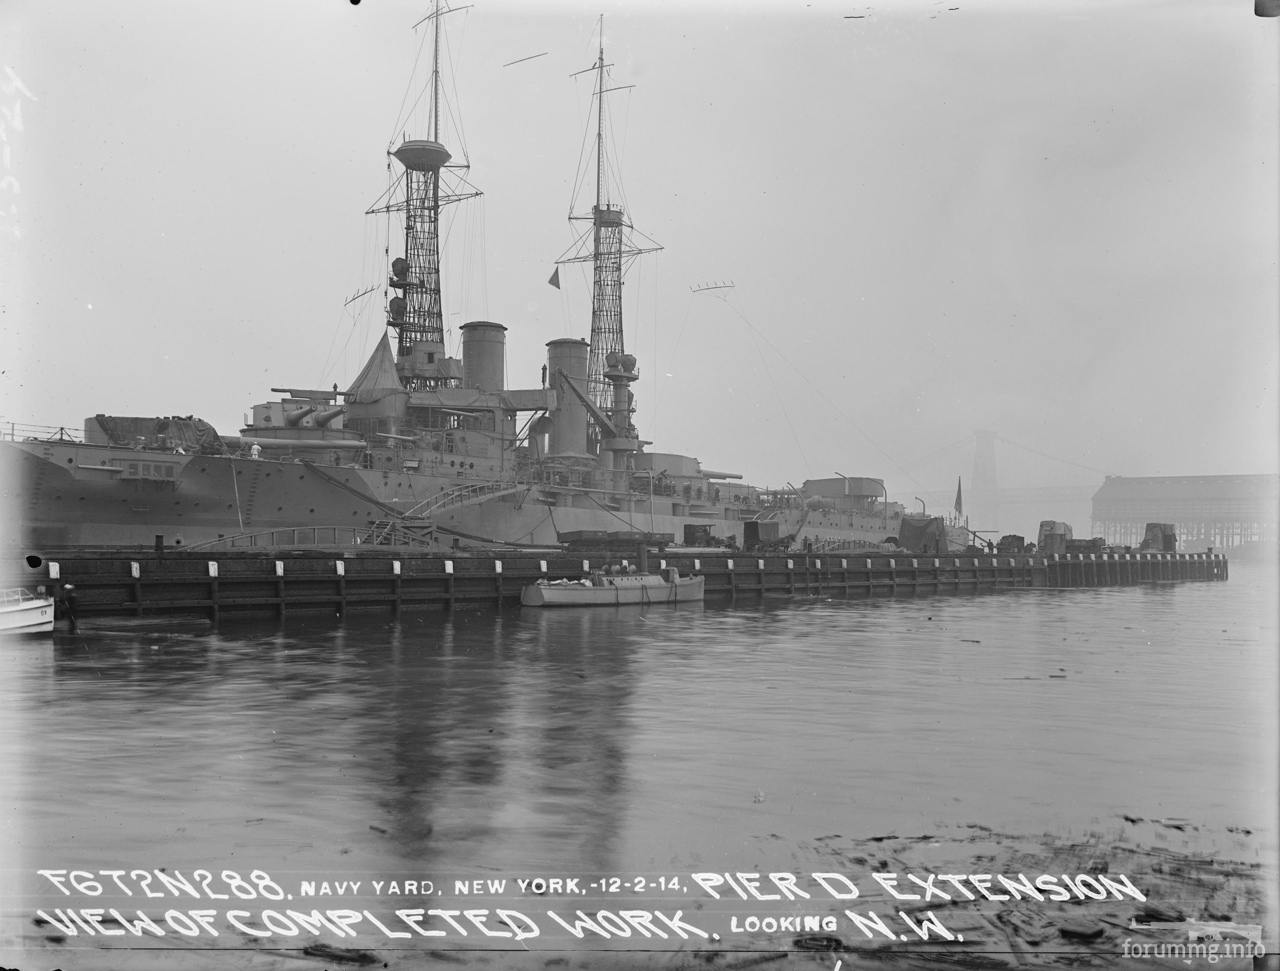 118215 - USS Wyoming (BB-32) на Бруклинской верфи, 2 декабря 1914 г.